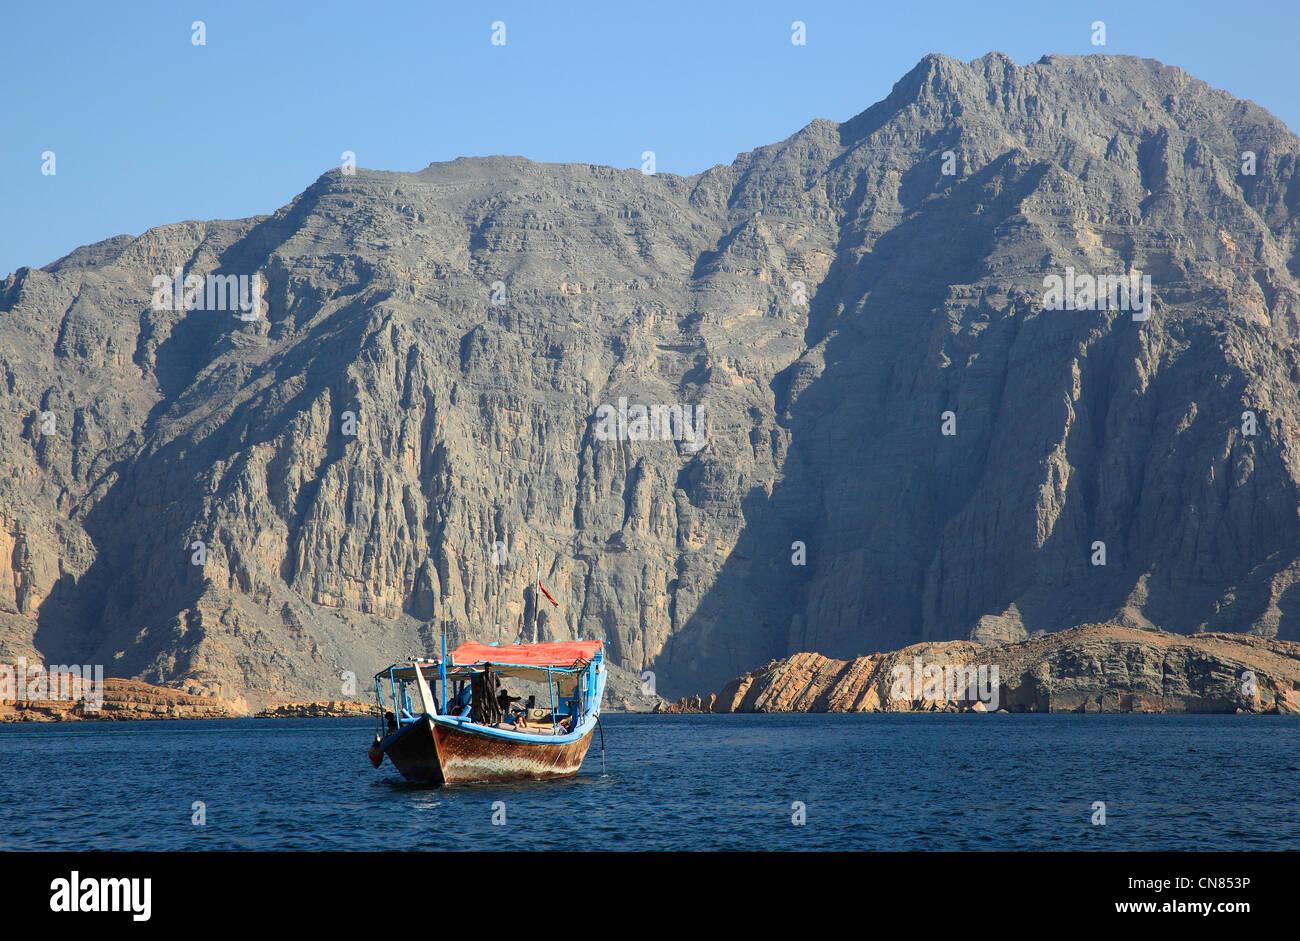 Dhau in den Buchten von Musandam, Shimm-Meerenge, in der omanischen Enklave Musandam, Oman Stock Photo